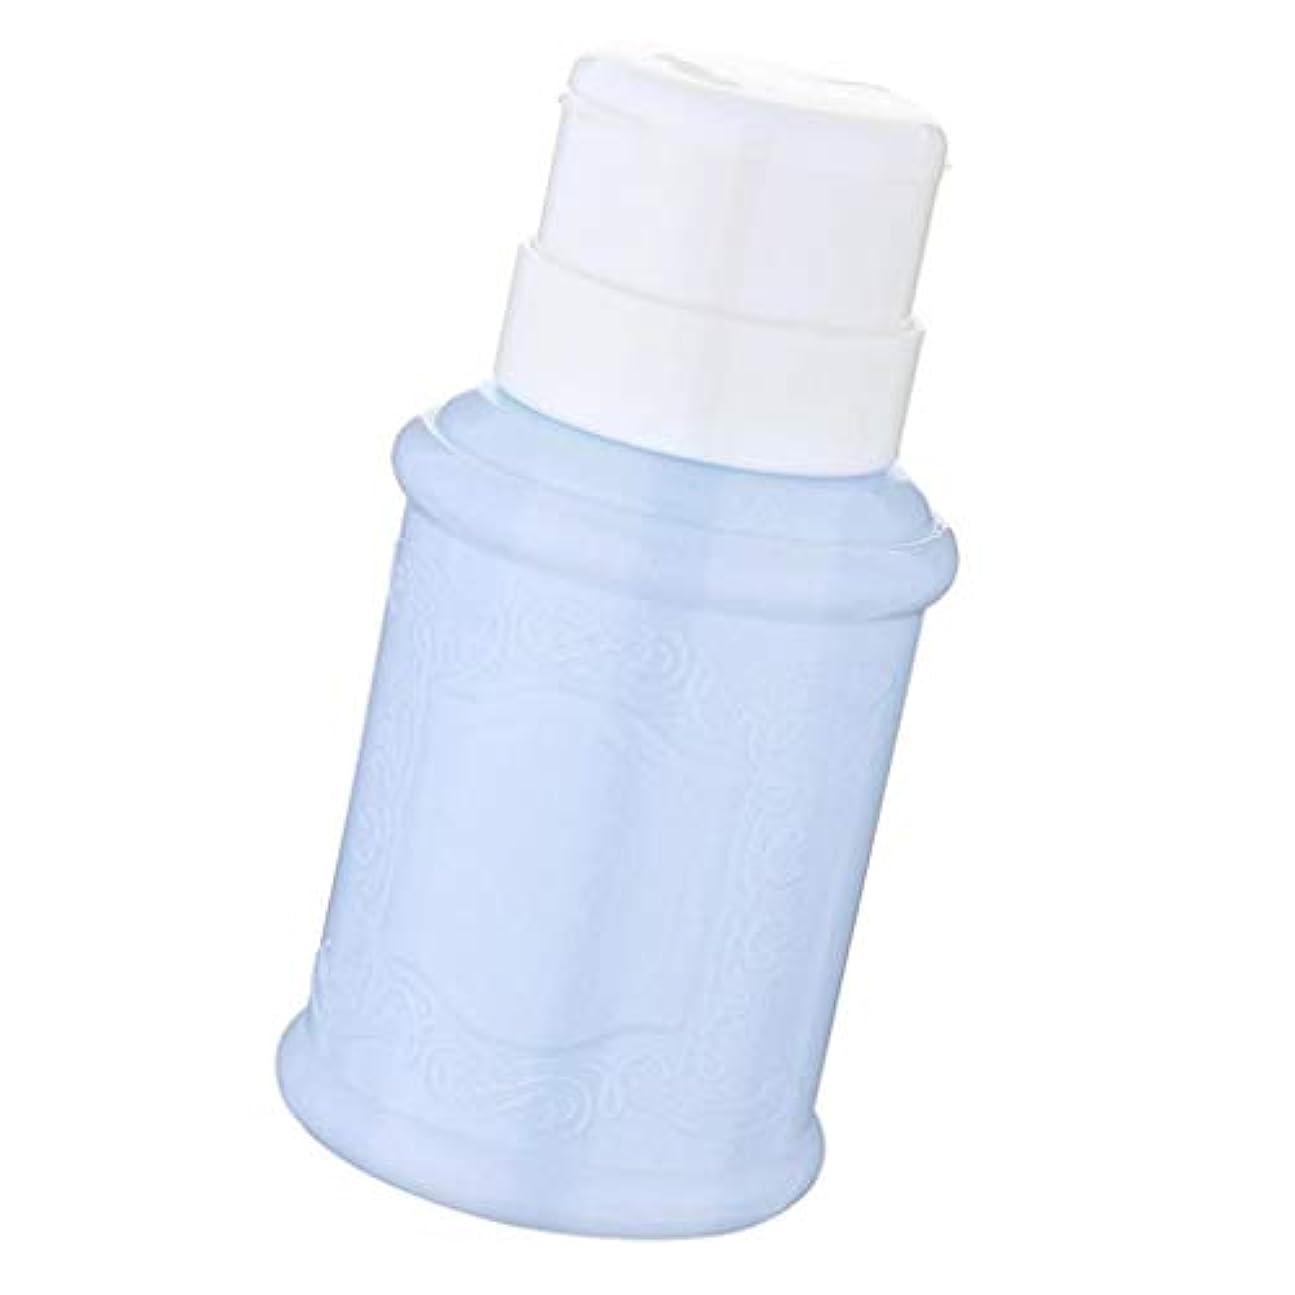 つづり子雹ポンプディスペンサー ネイル リットル空ポンプ ネイルクリーナーボトル 全3色 - 青